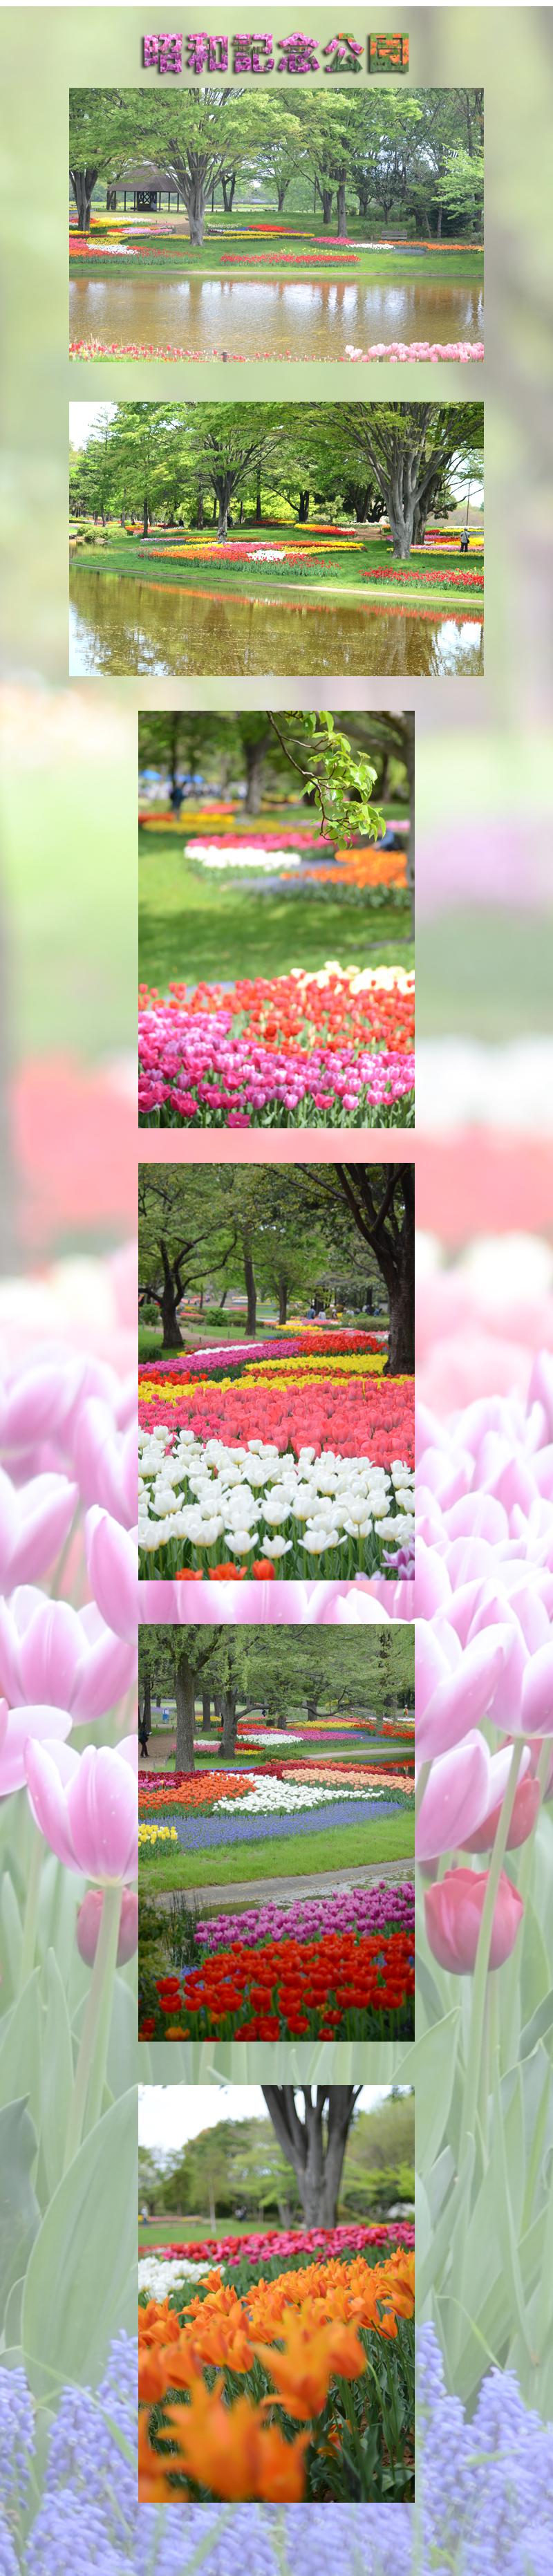 4月22日昭和記念公園1